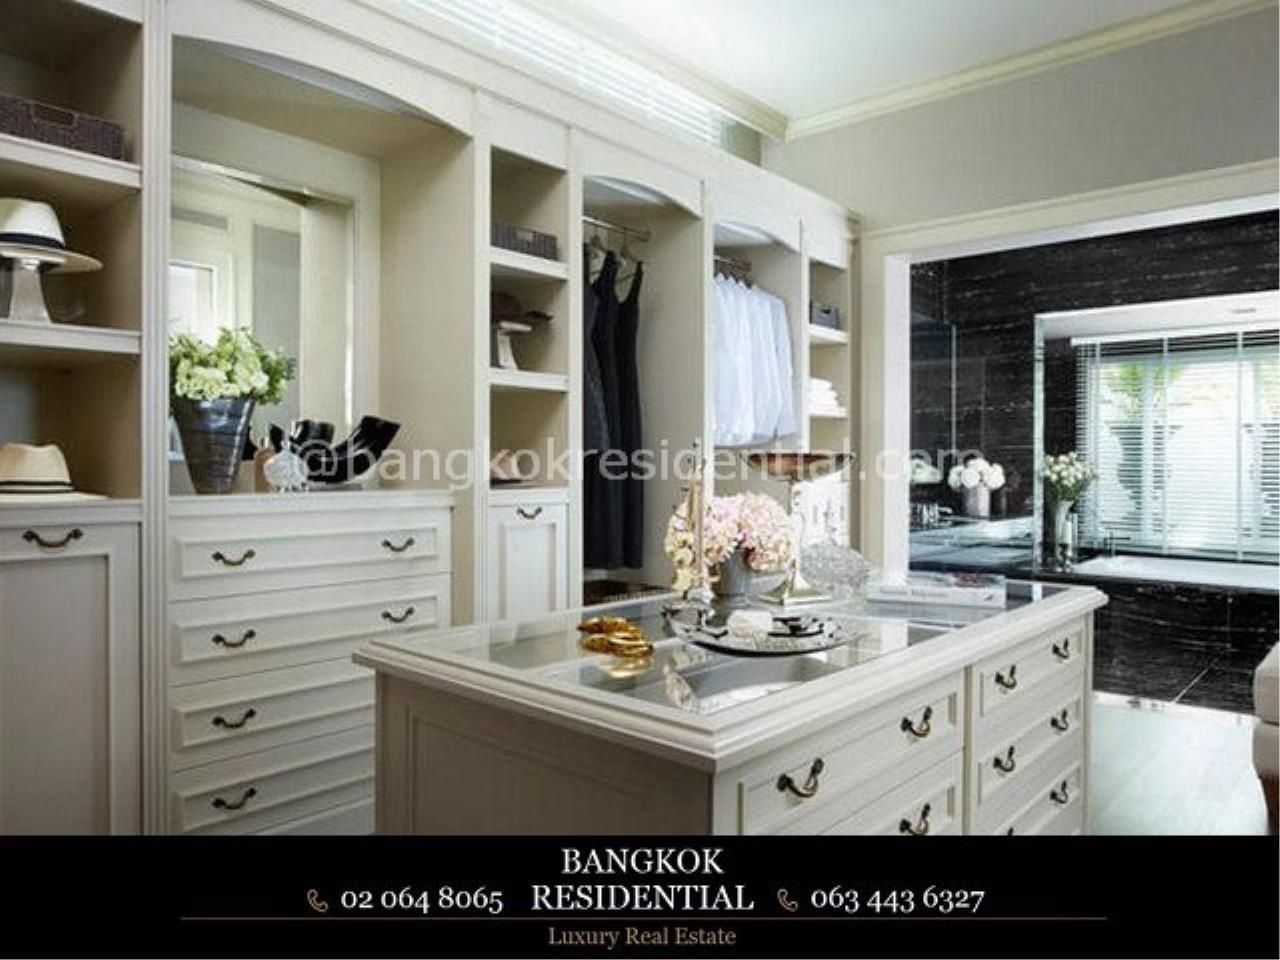 Bangkok Residential Agency's 4BR Narasiri Pattanakarn For Rent (BR7921SH) 3